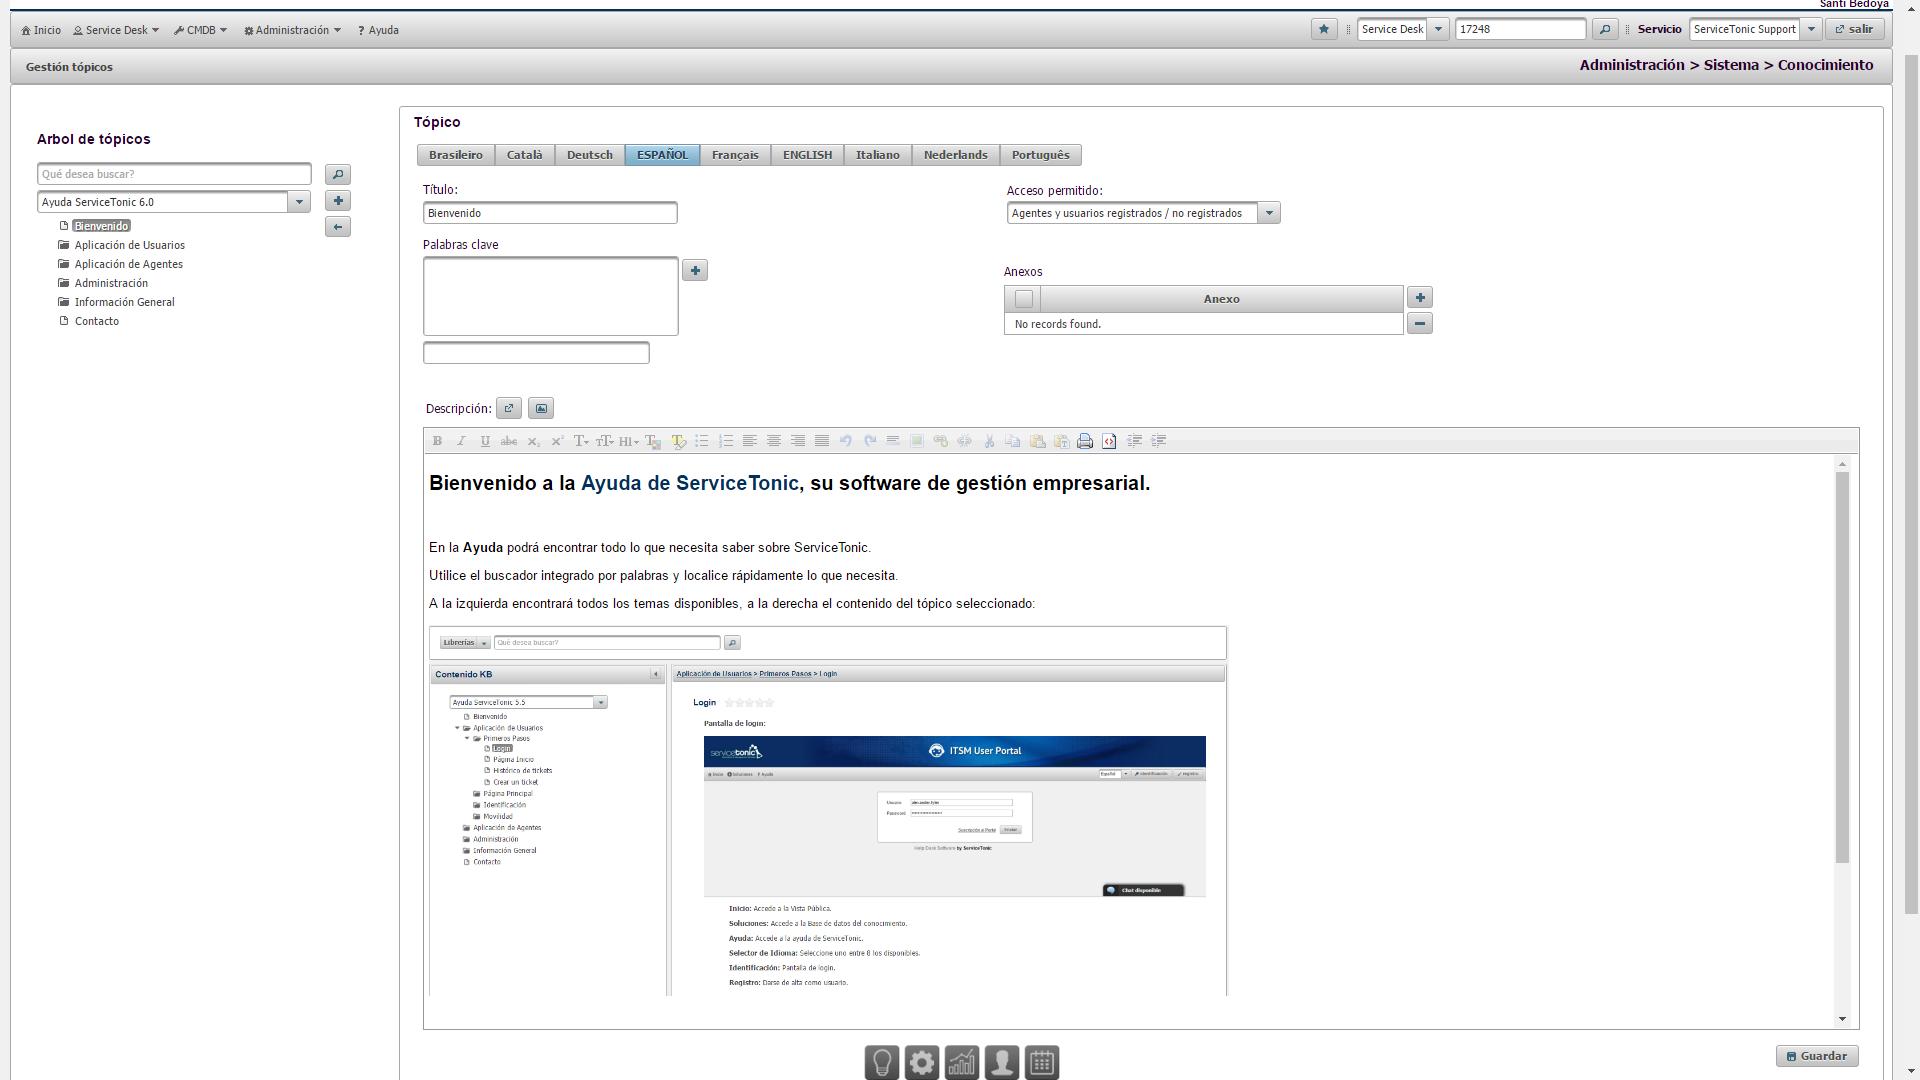 Base de conocimientos html con imágenes